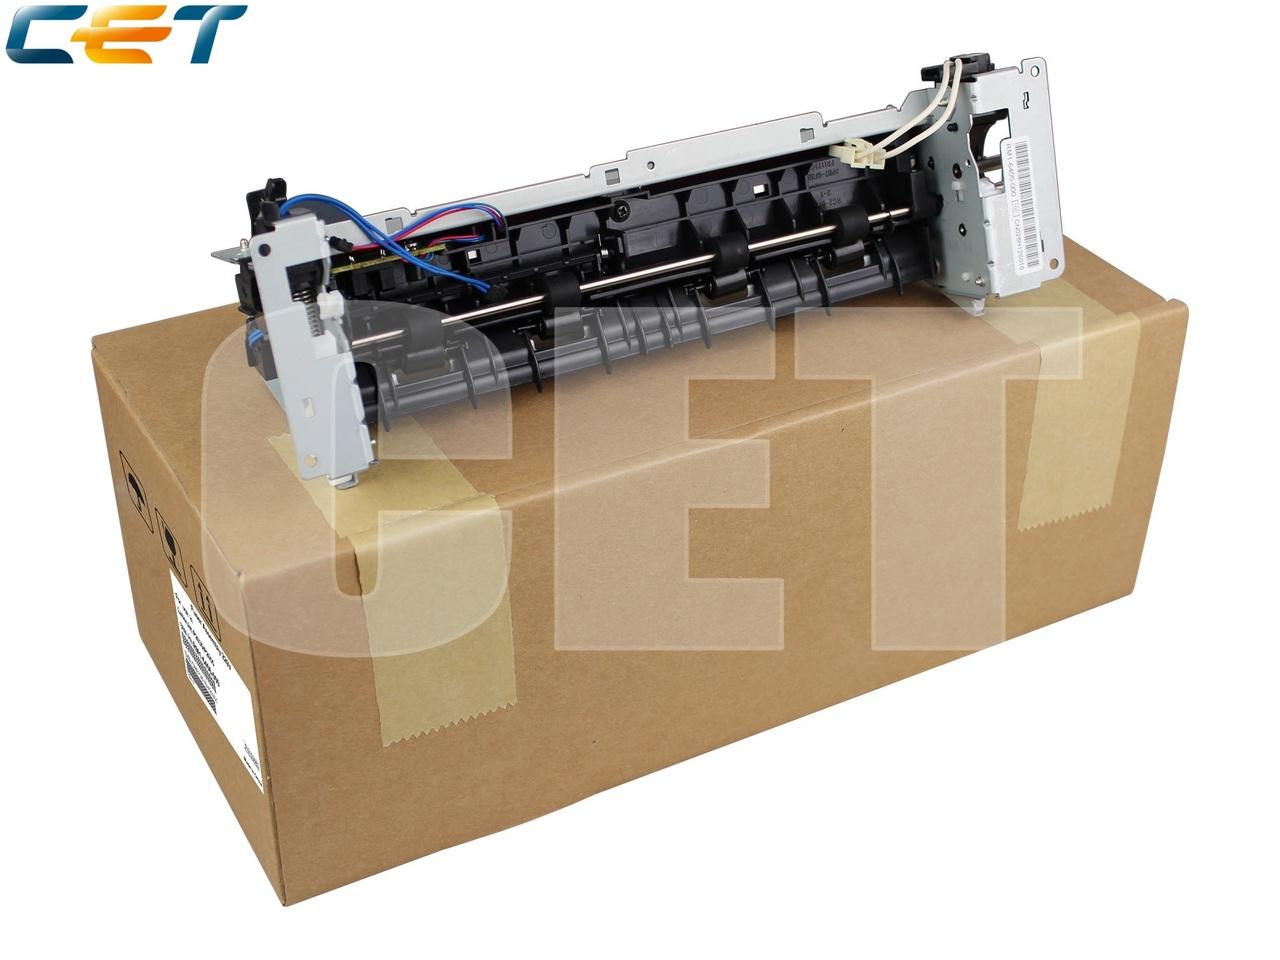 Фьюзер (печка) в сборе RM1-6406-000 для HP LaserJetP2035/P2055 (CET), (восстановленный), CET3683